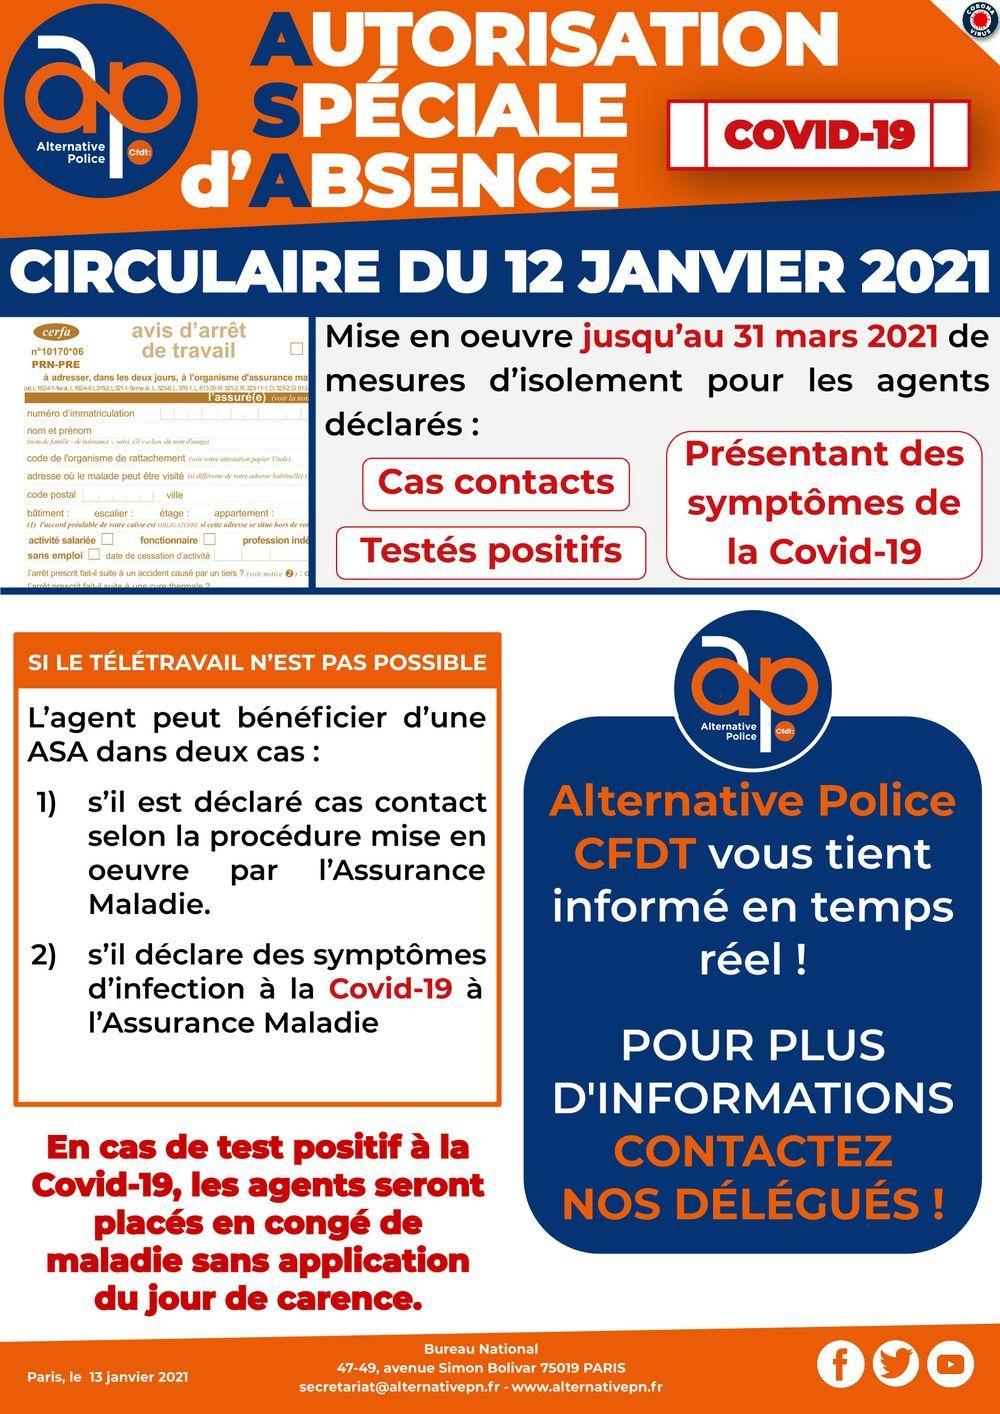 Autorisation Spéciale d'Absence : circulaire du 12 janvier 2021